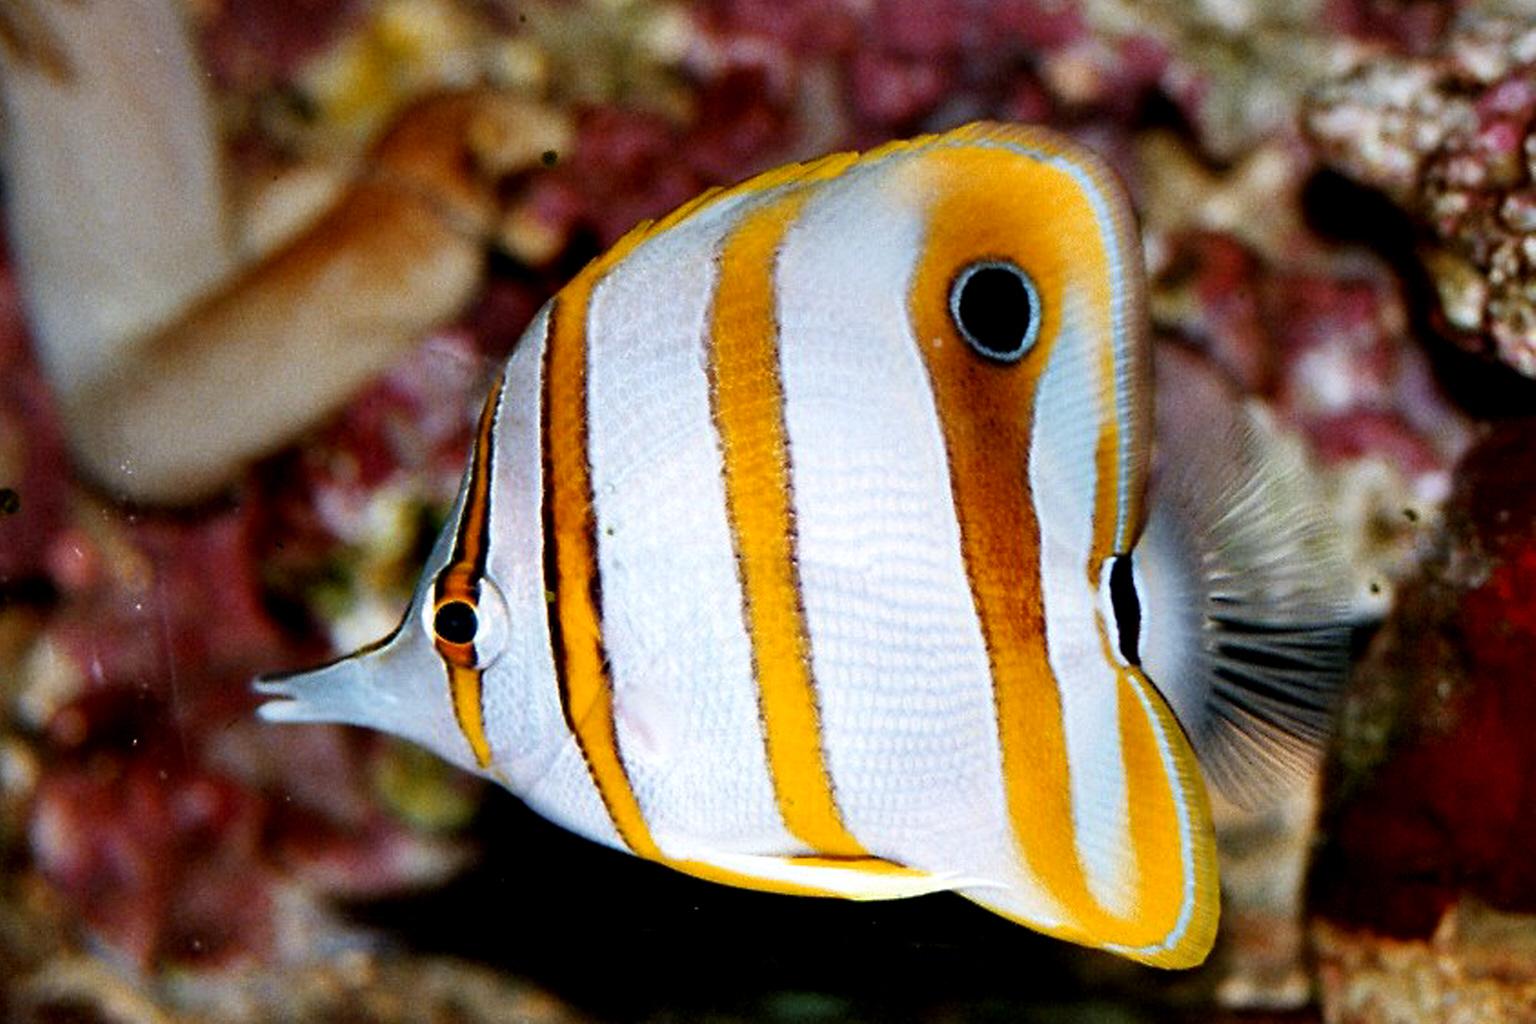 Chelmon_rostratus_Kupferstreifen-Pinzettfisch.jpg